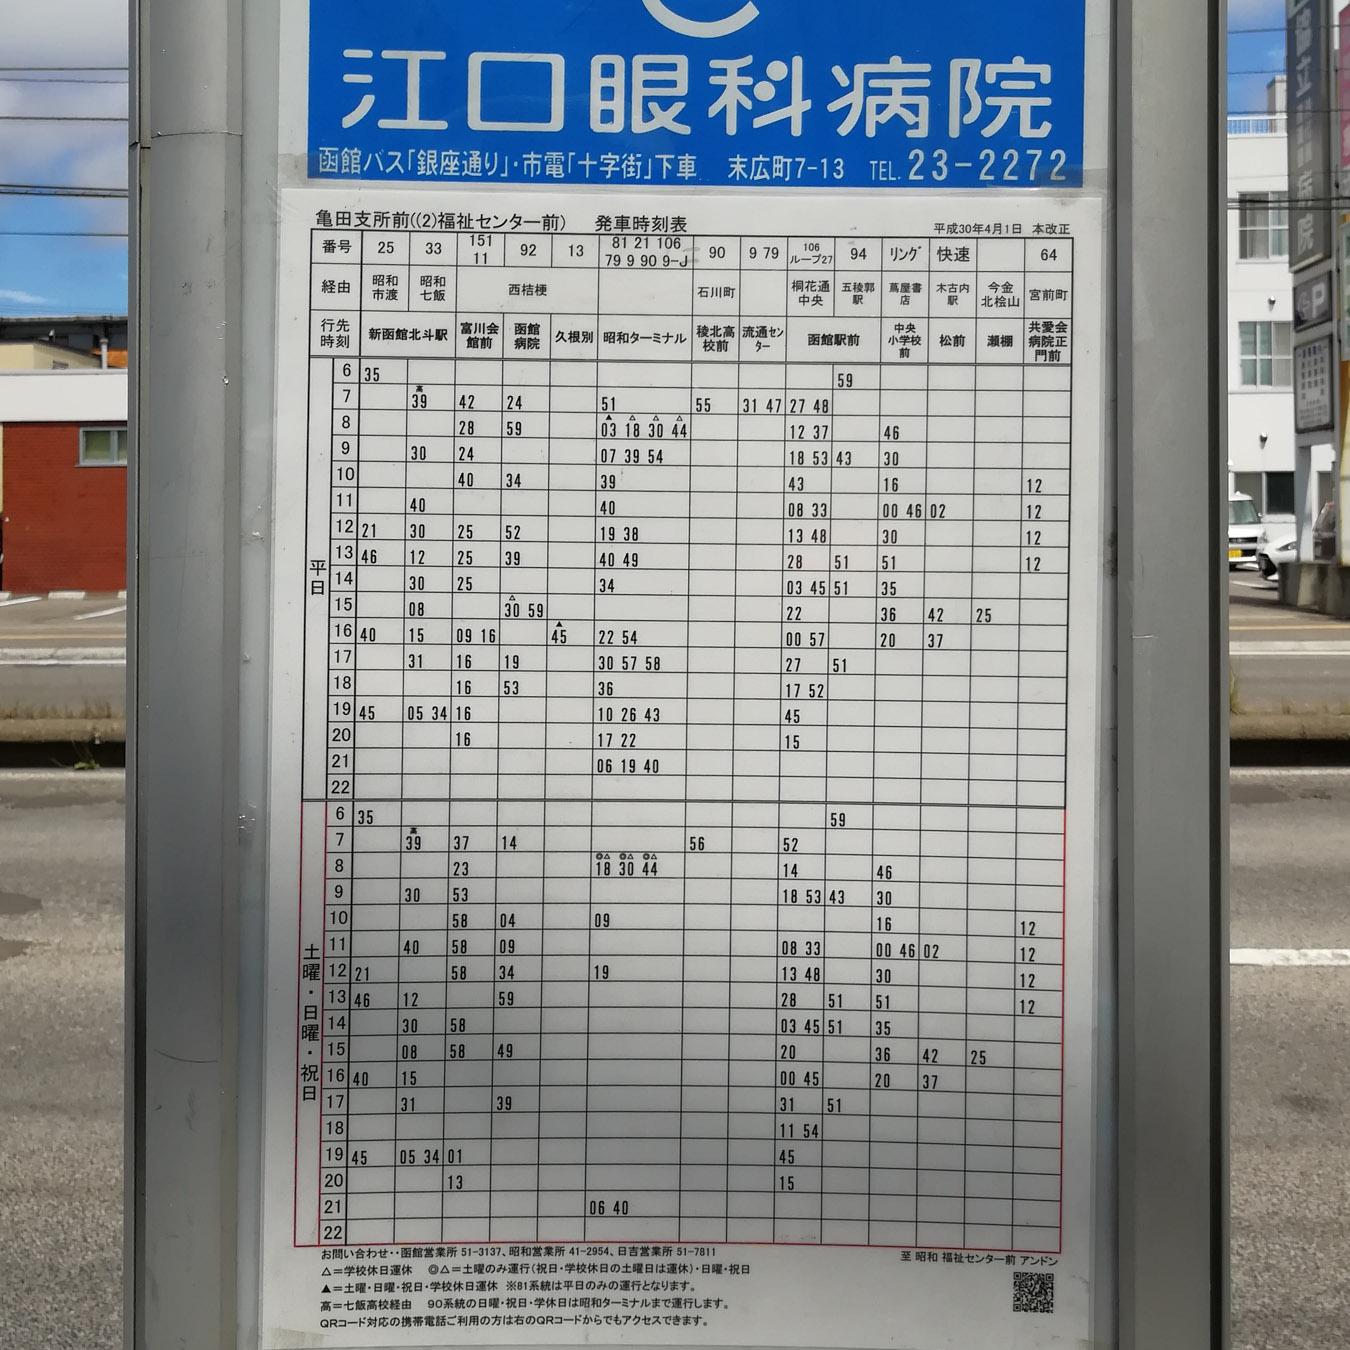 亀田支所前のバス亭の時刻表